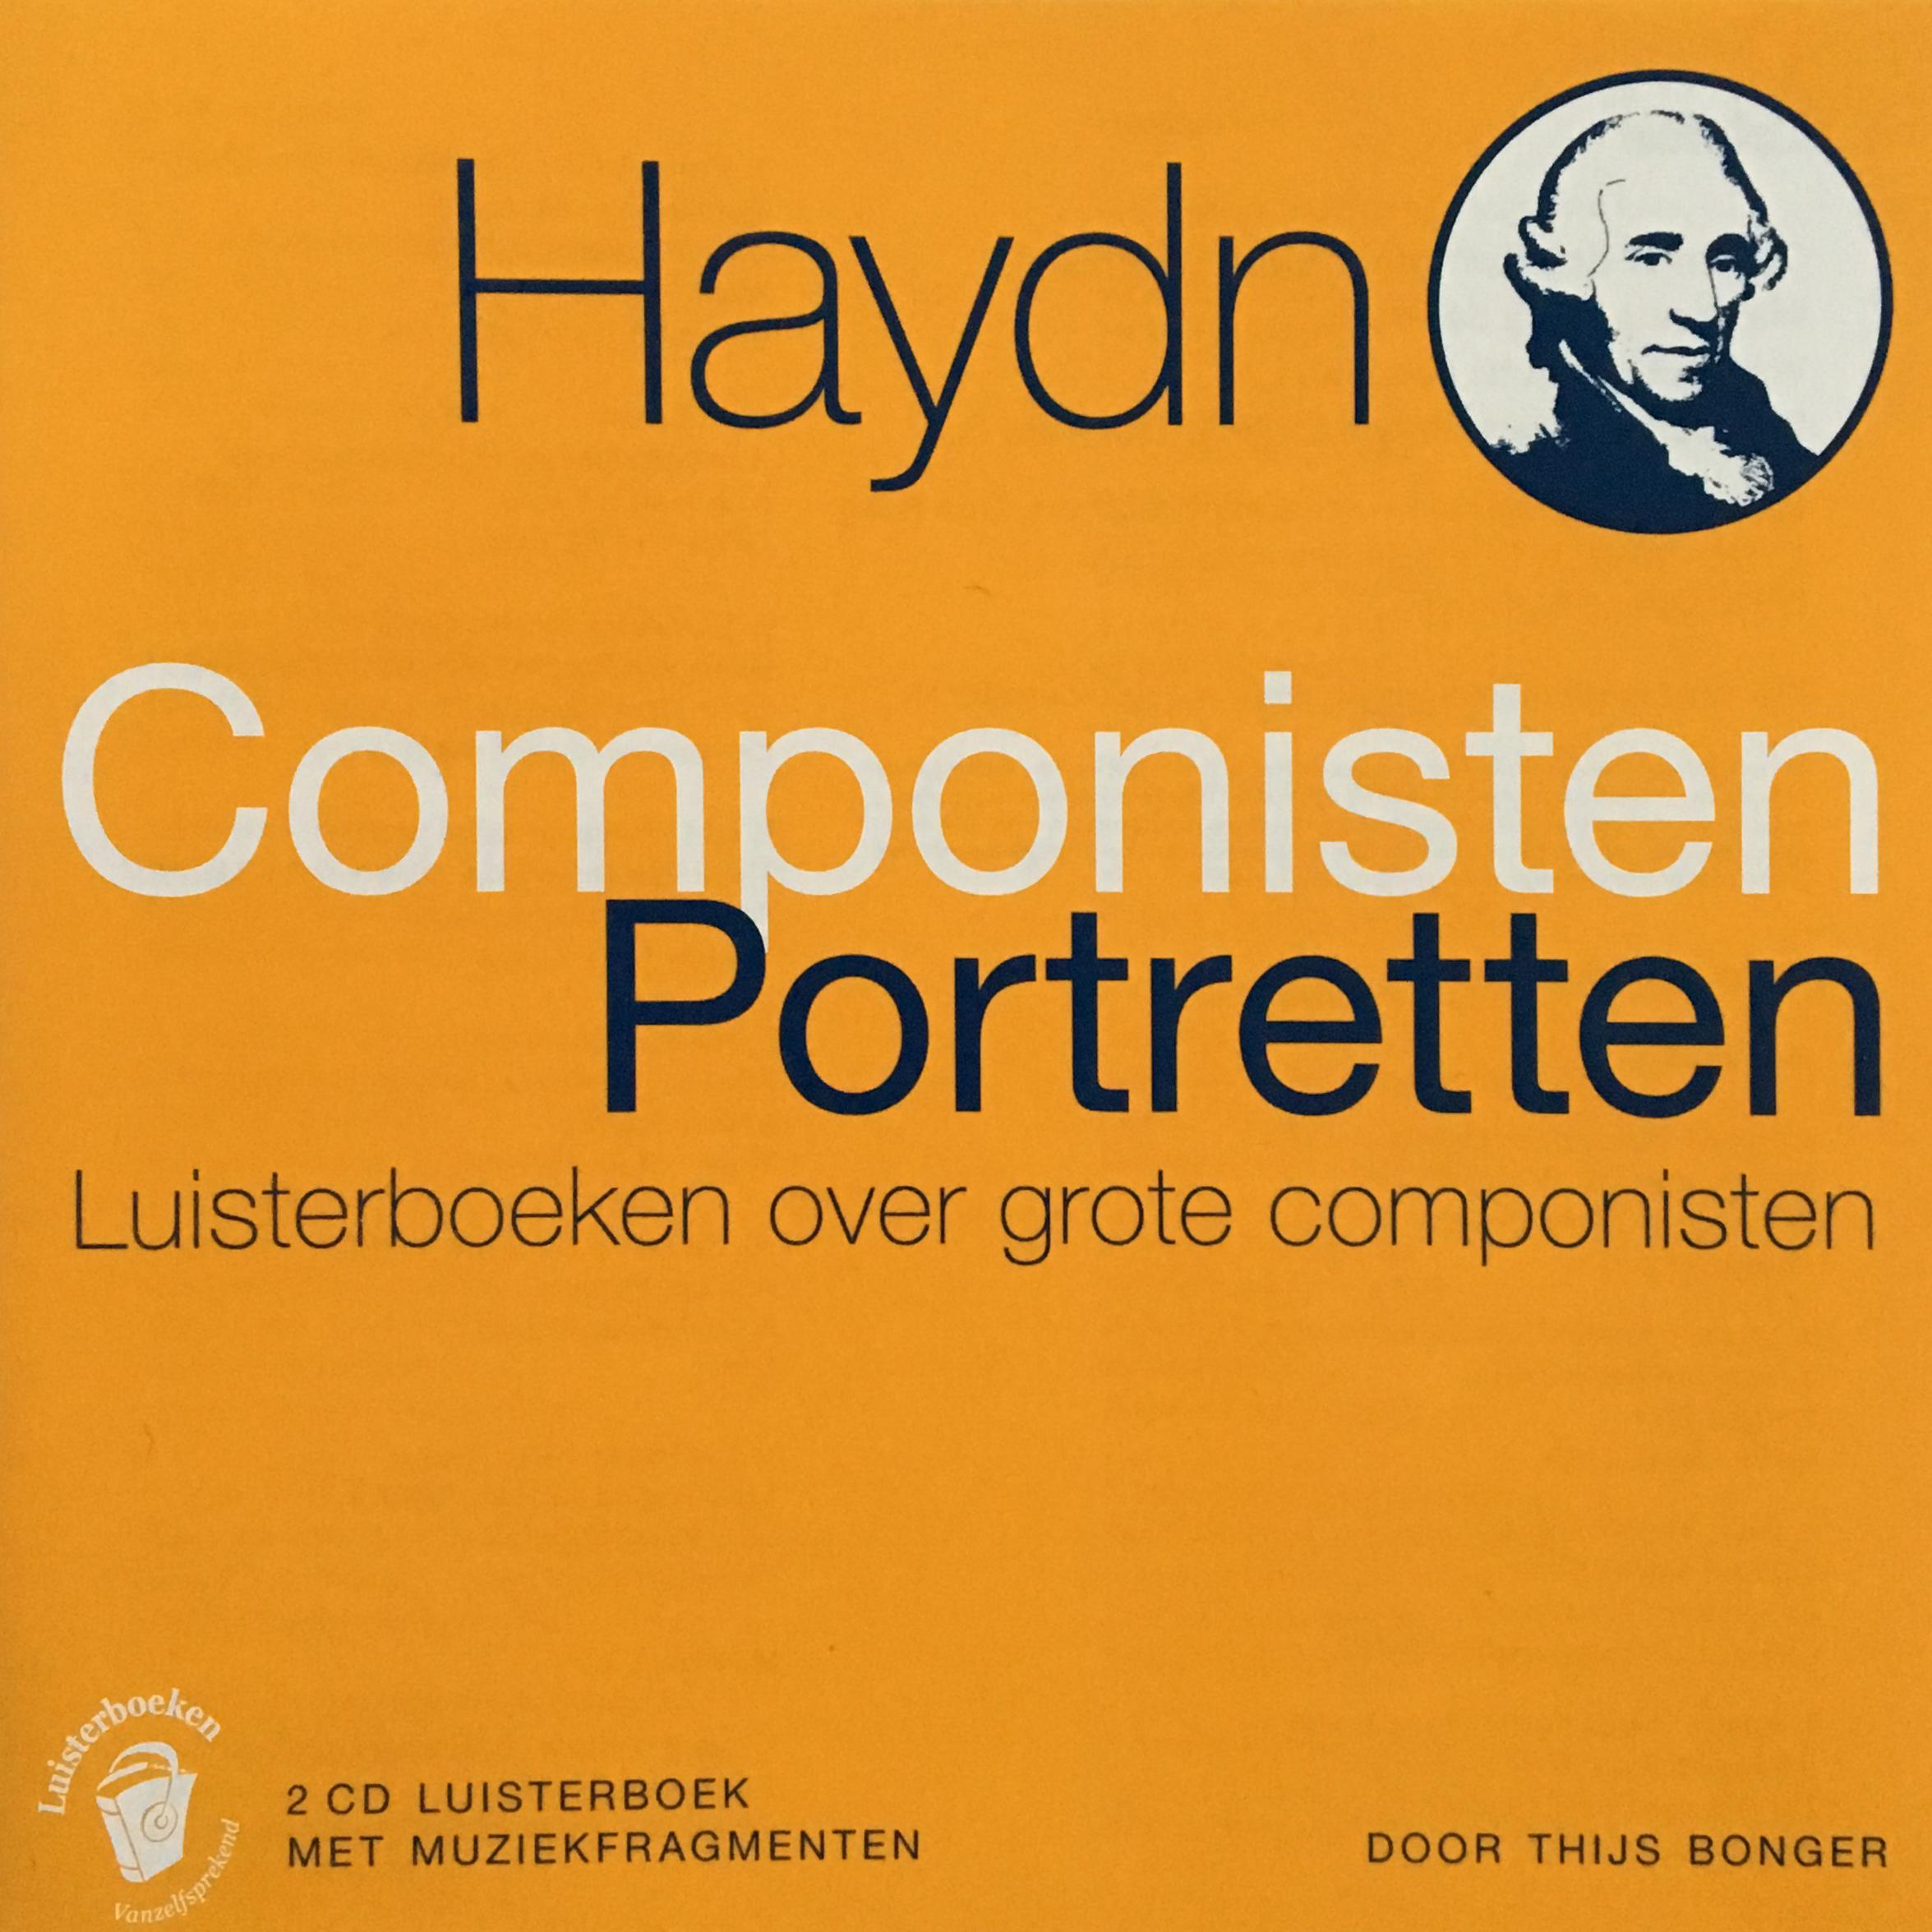 Haydn: Luisterboeken over grote componisten